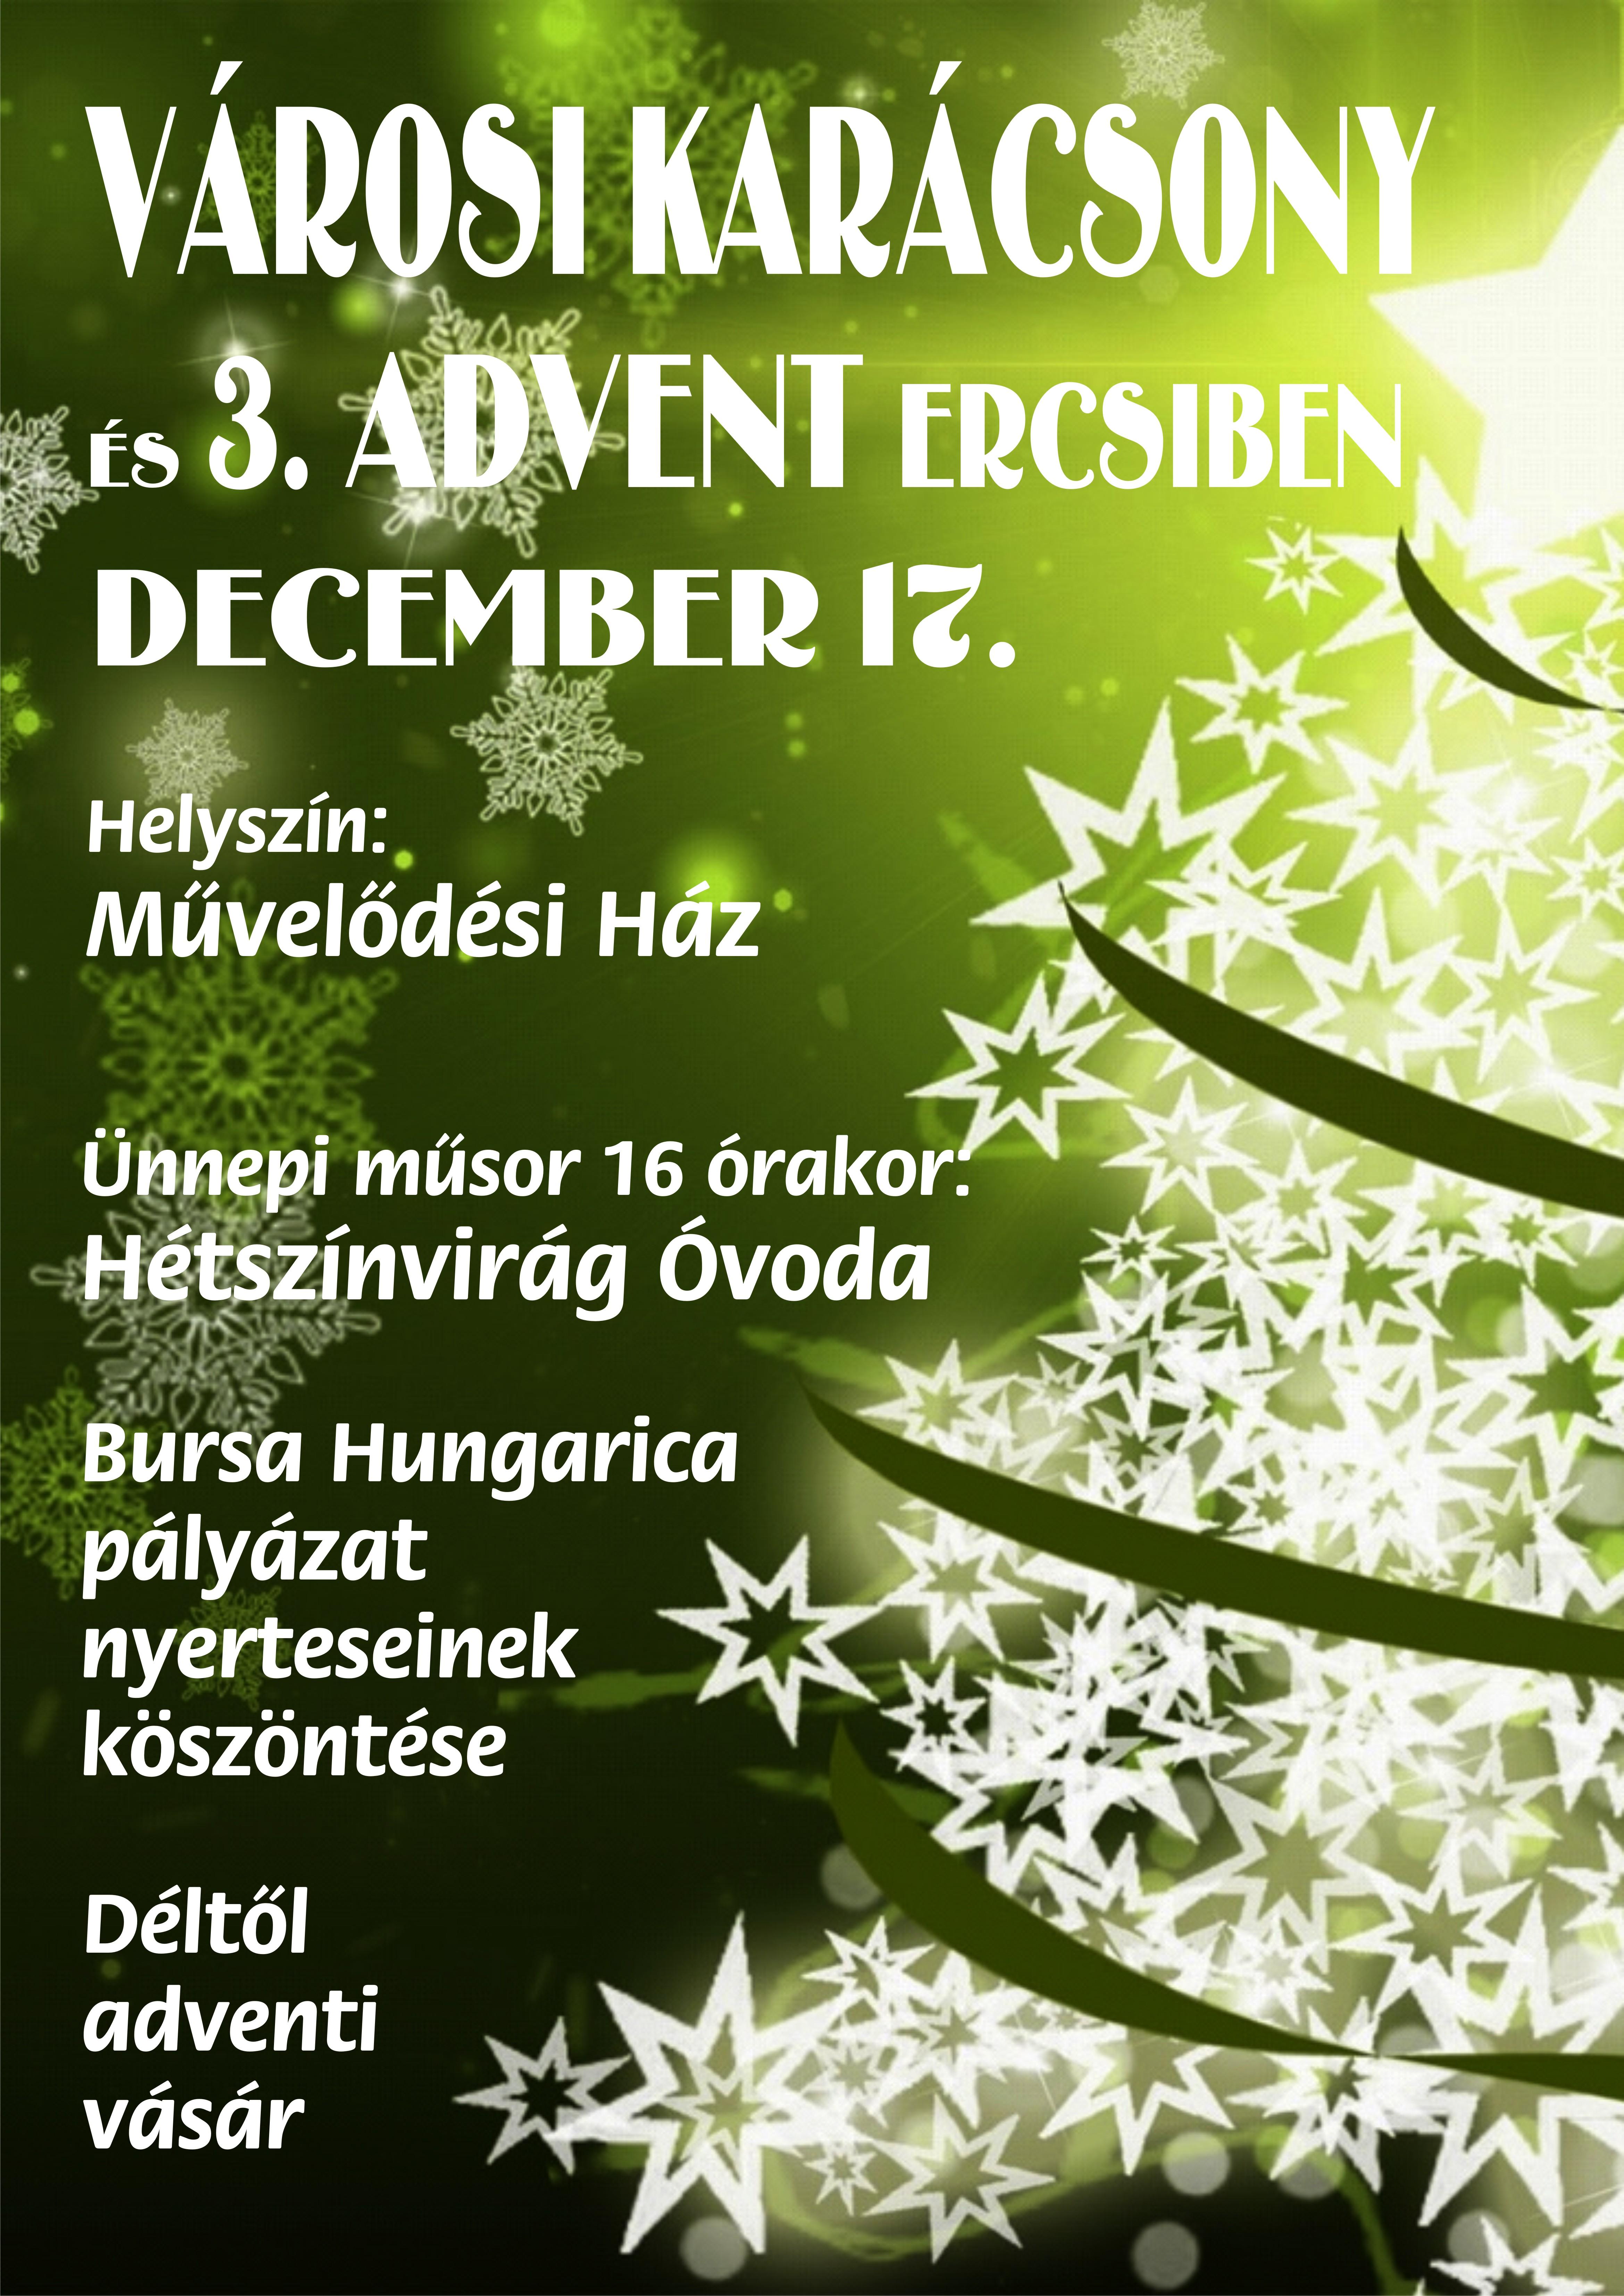 Városi Karácsony és 3. Advent Ercsiben